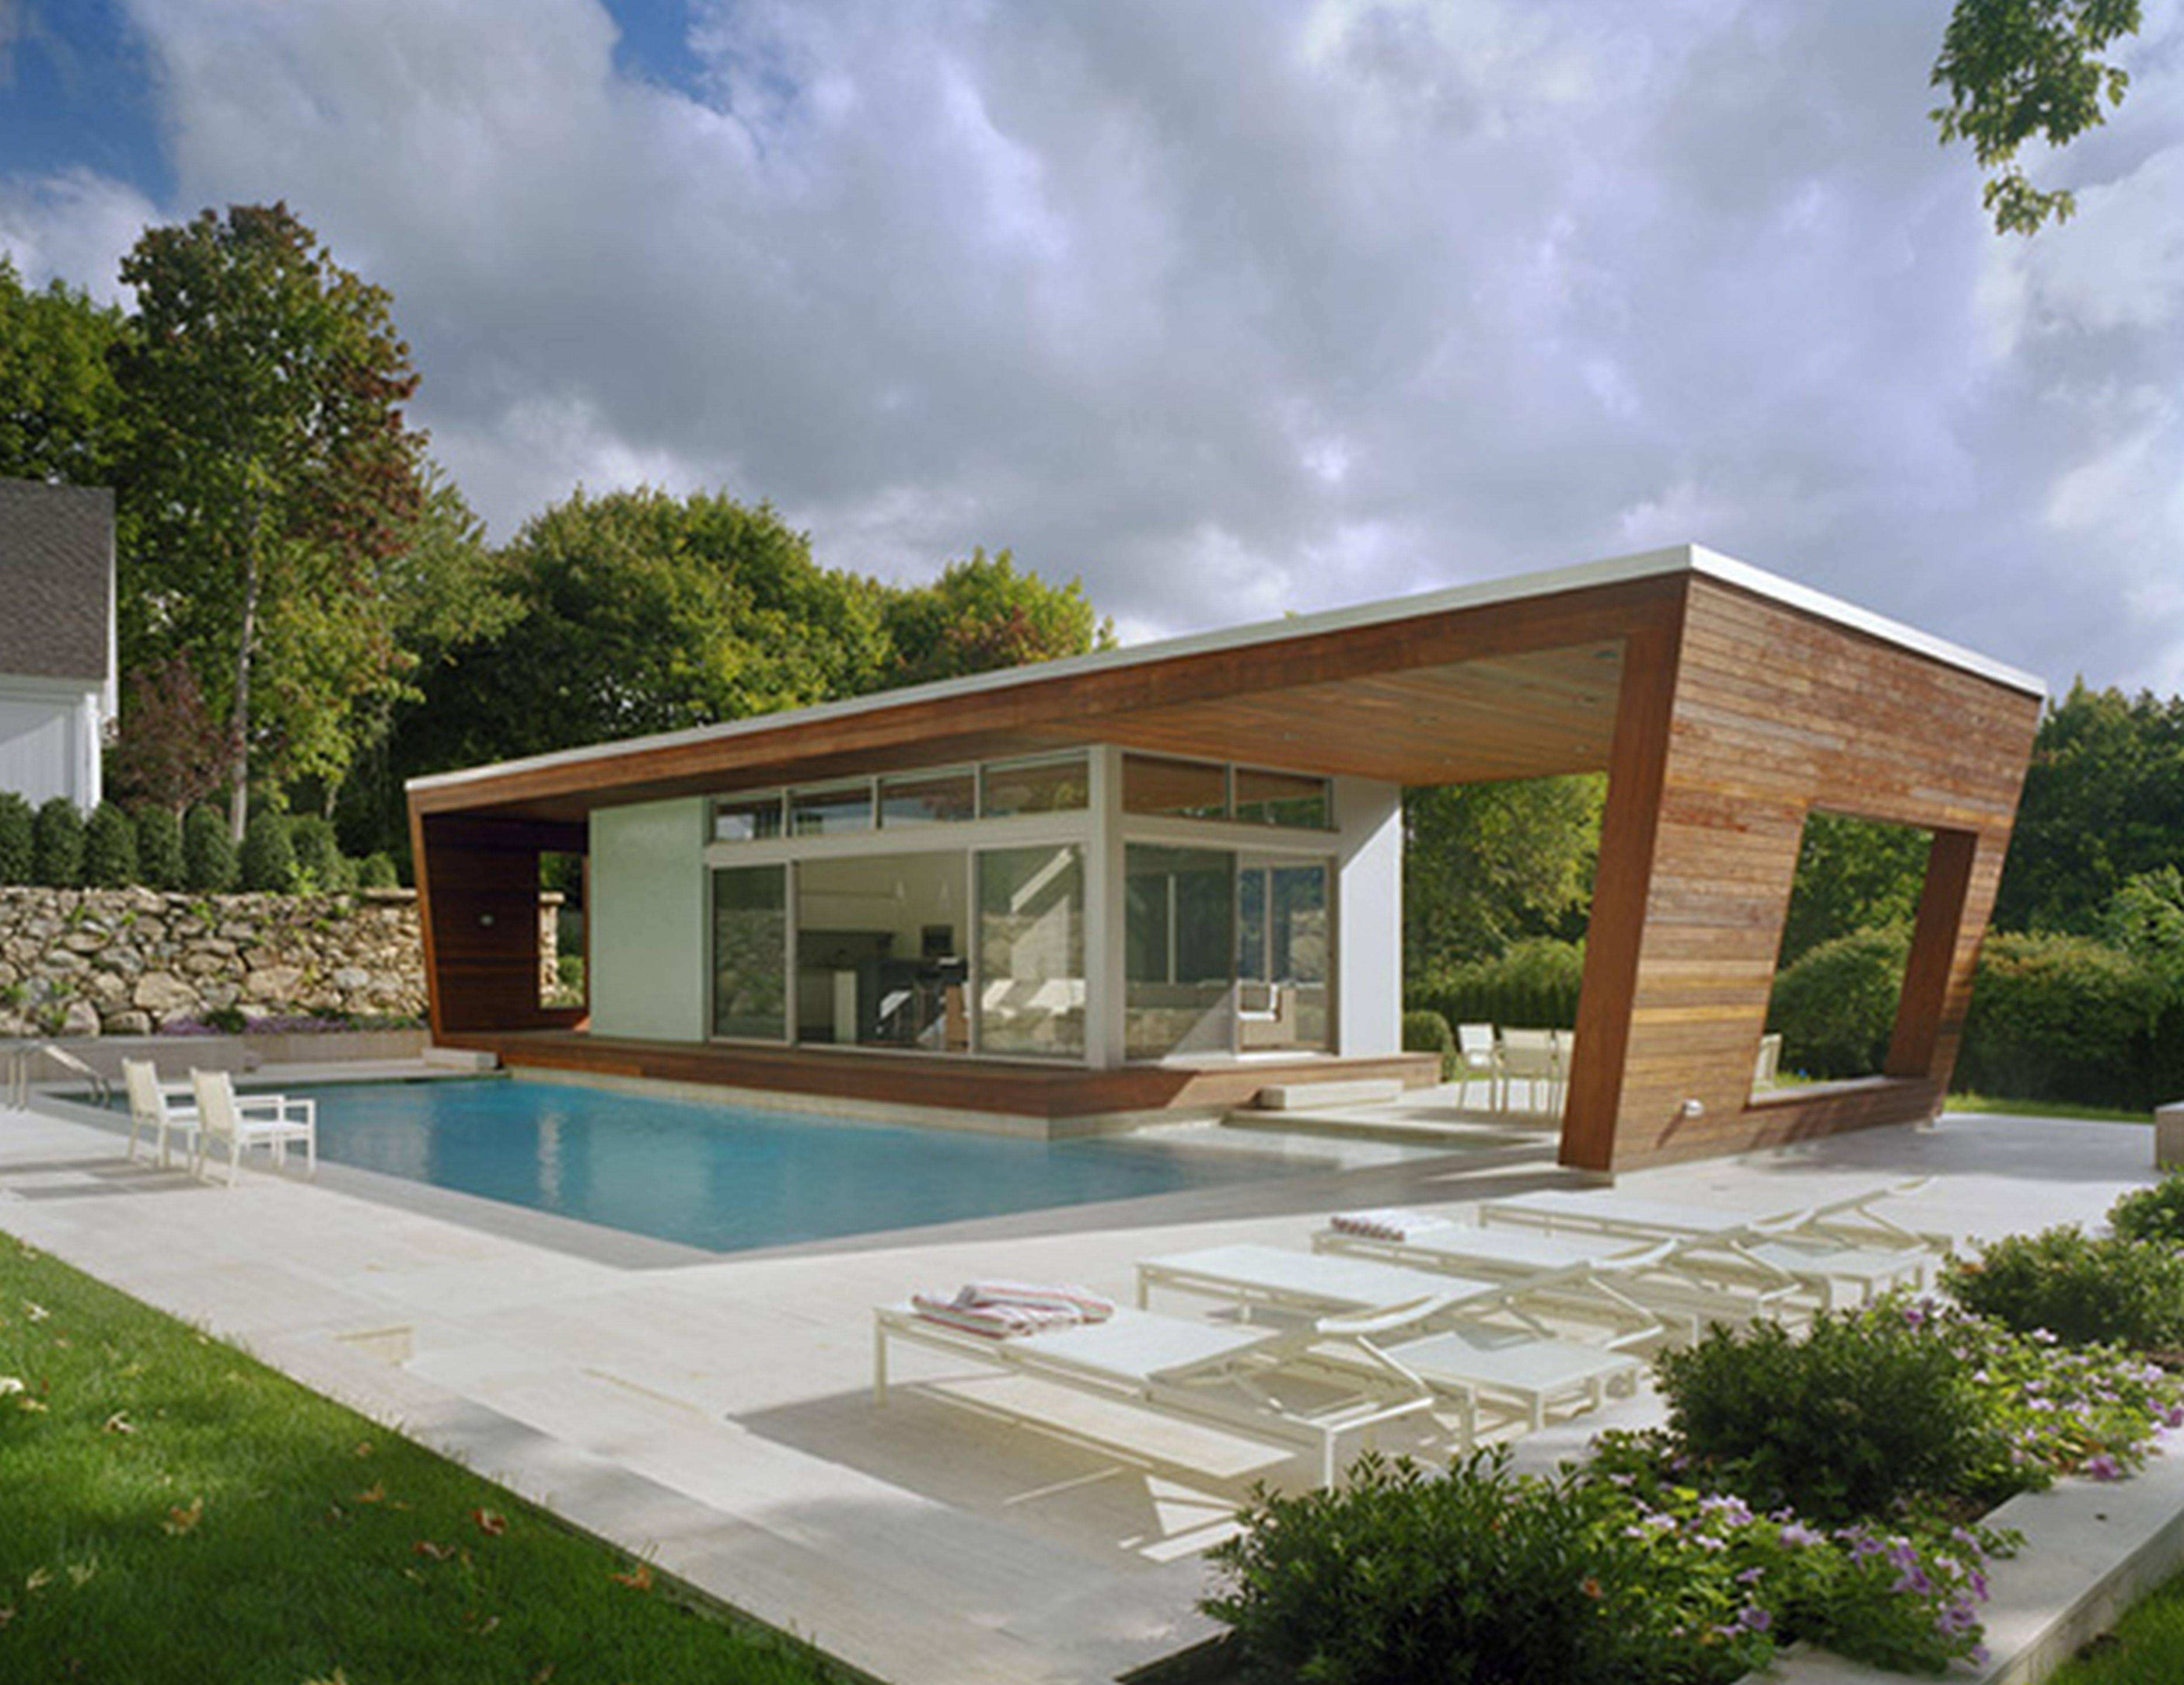 Modern Bungalow House Designs - Home Plans & Blueprints ...